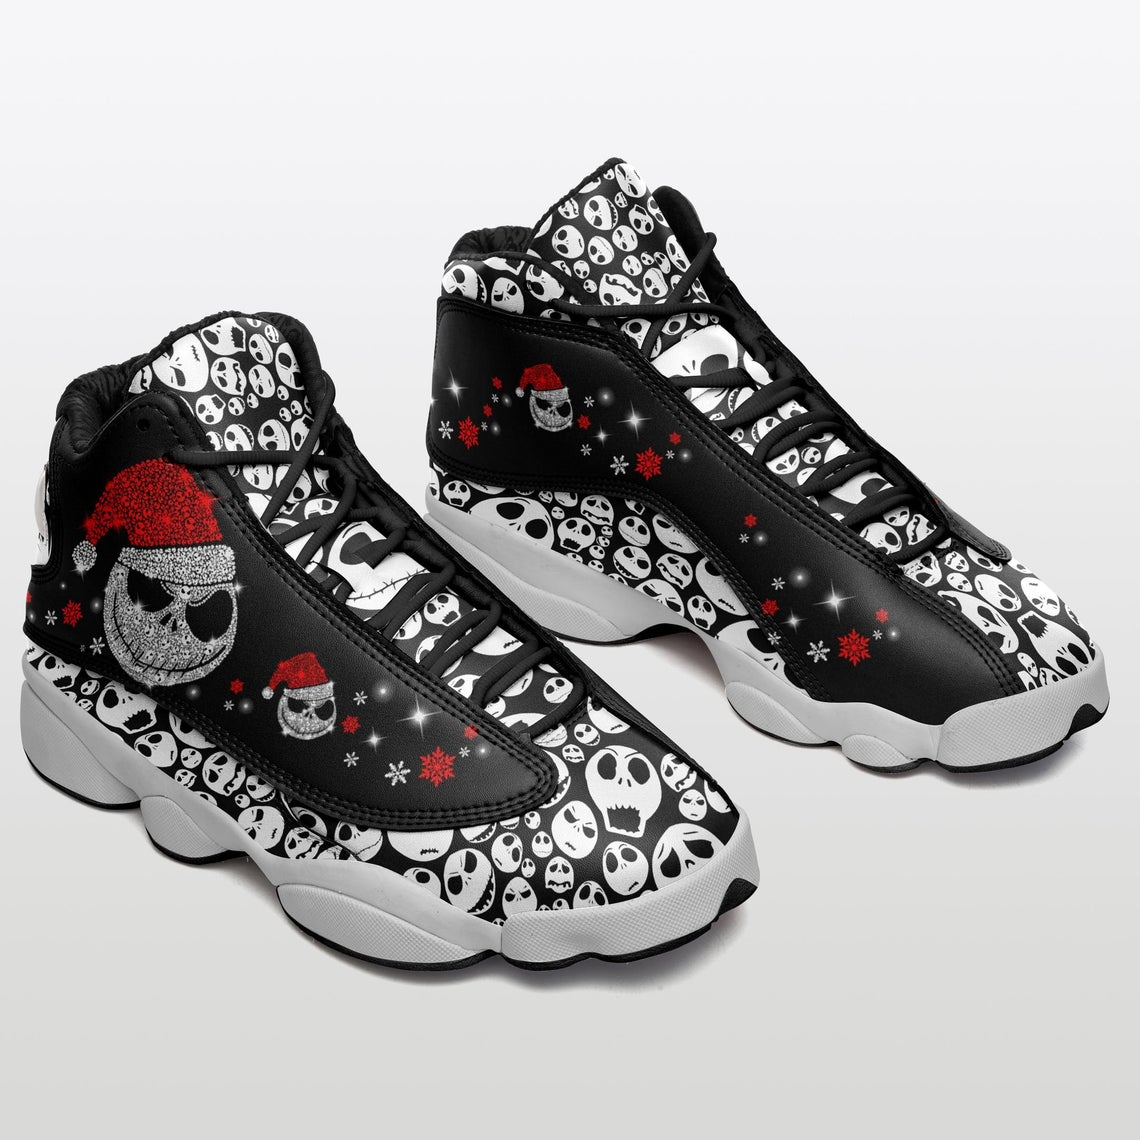 Jack Skellington Nightmare Before Christmas Sku 31 Air Jordan Shoes